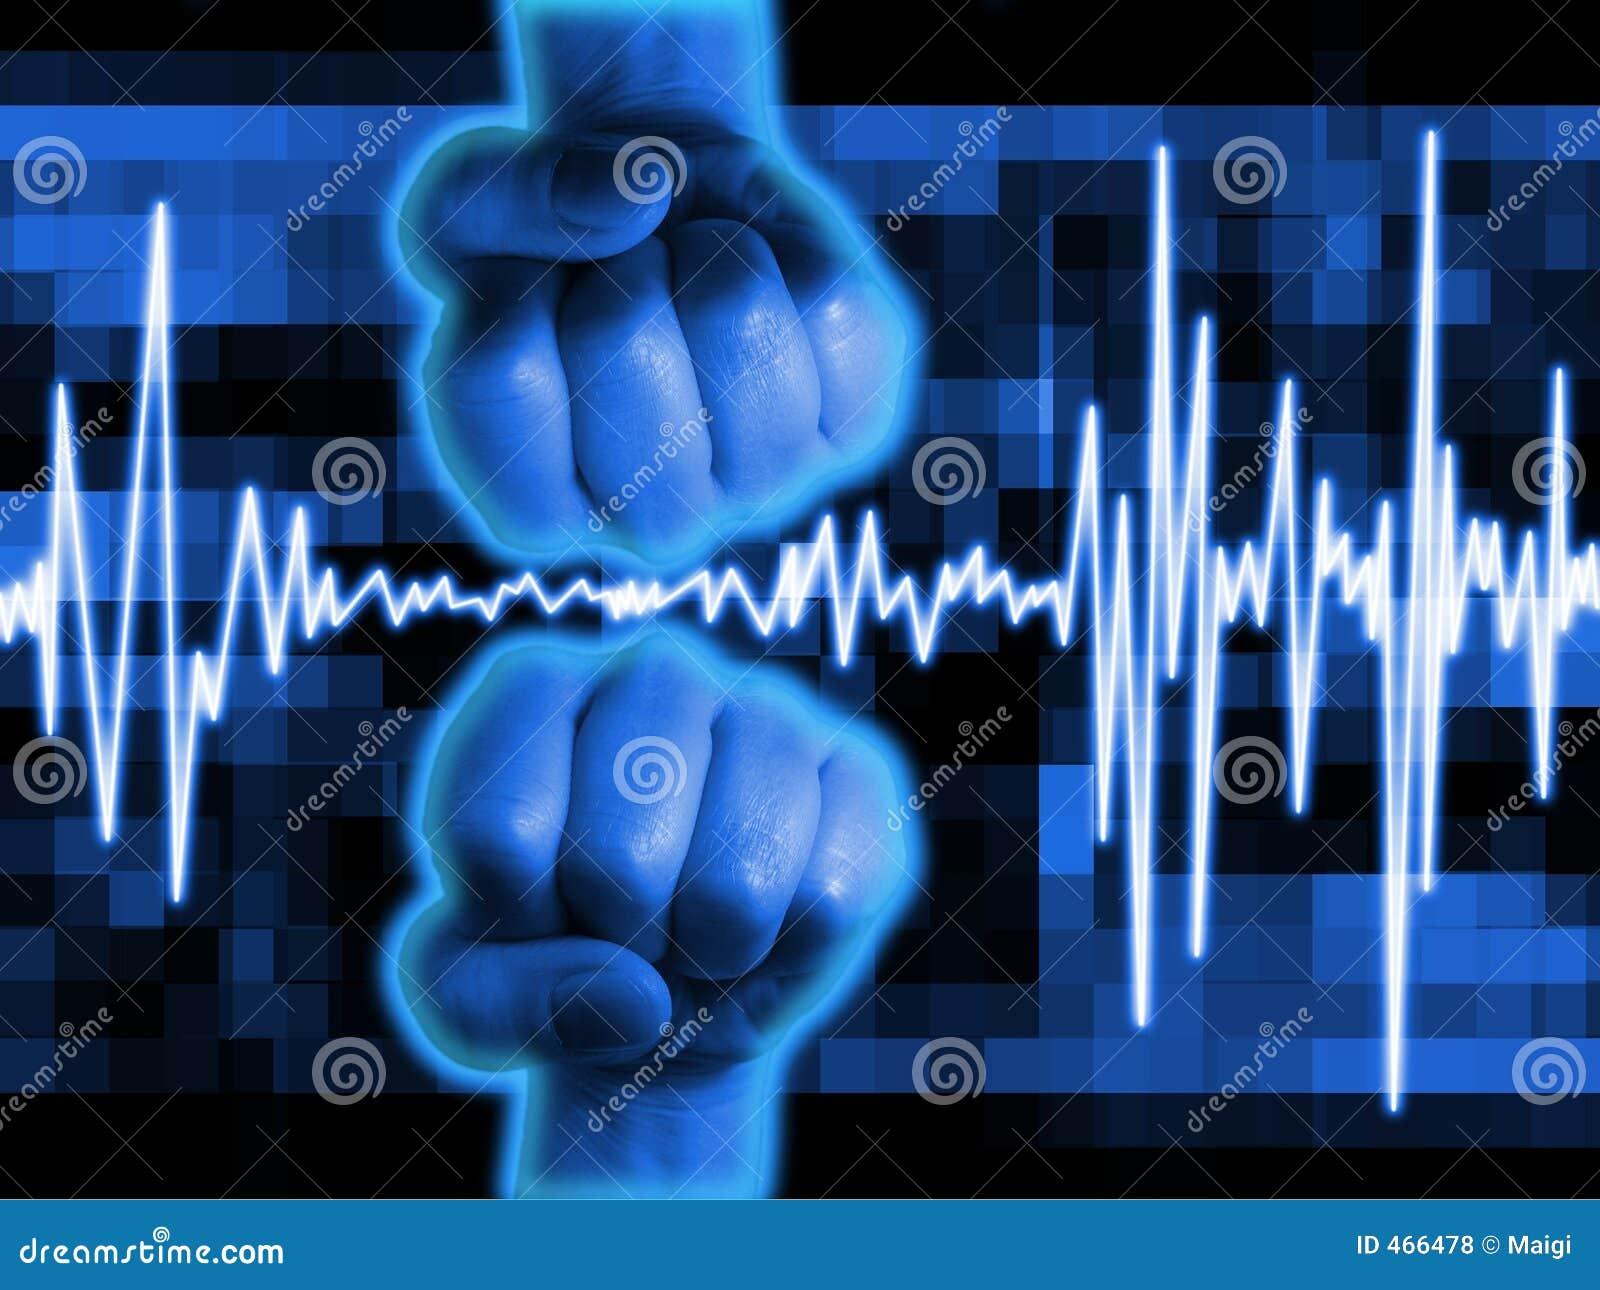 Fundo abstrato da pulsação do coração